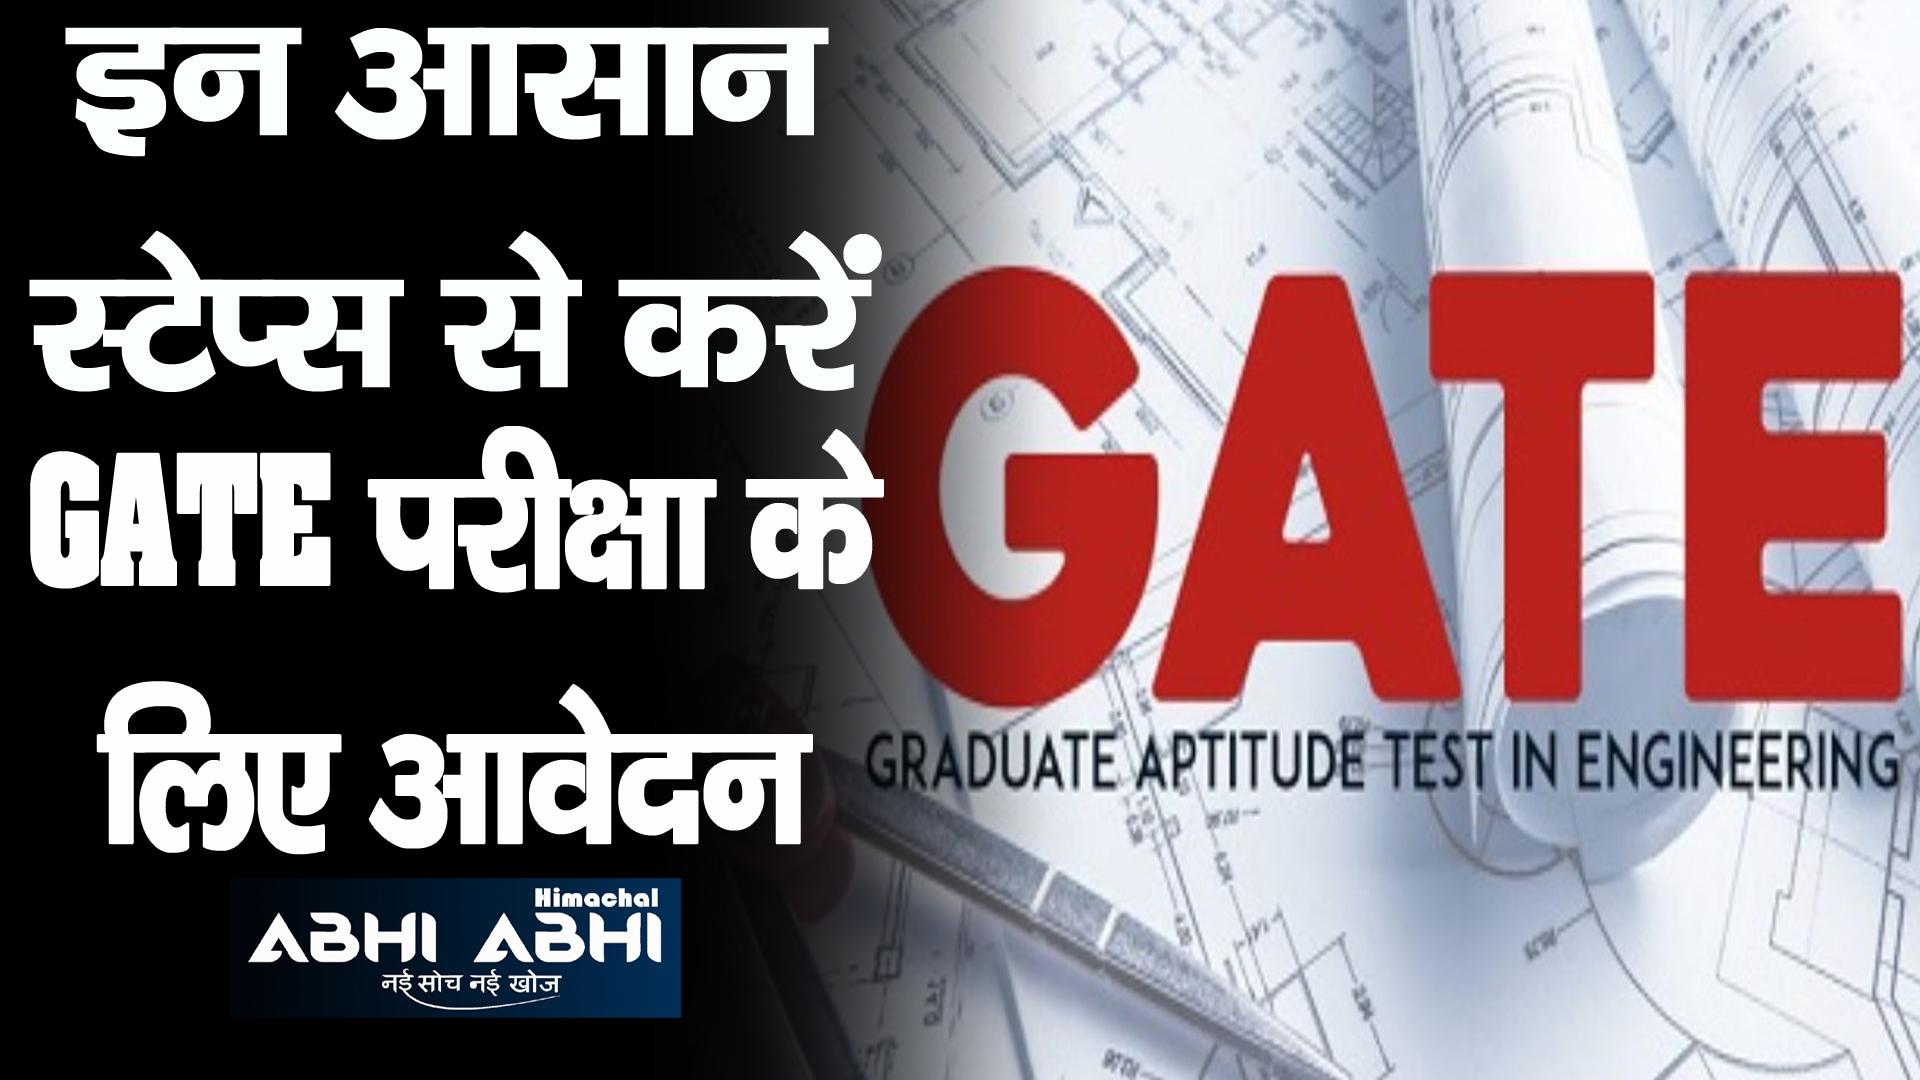 इन आसान स्टेप्स से करें GATE परीक्षा के लिए आवेदन